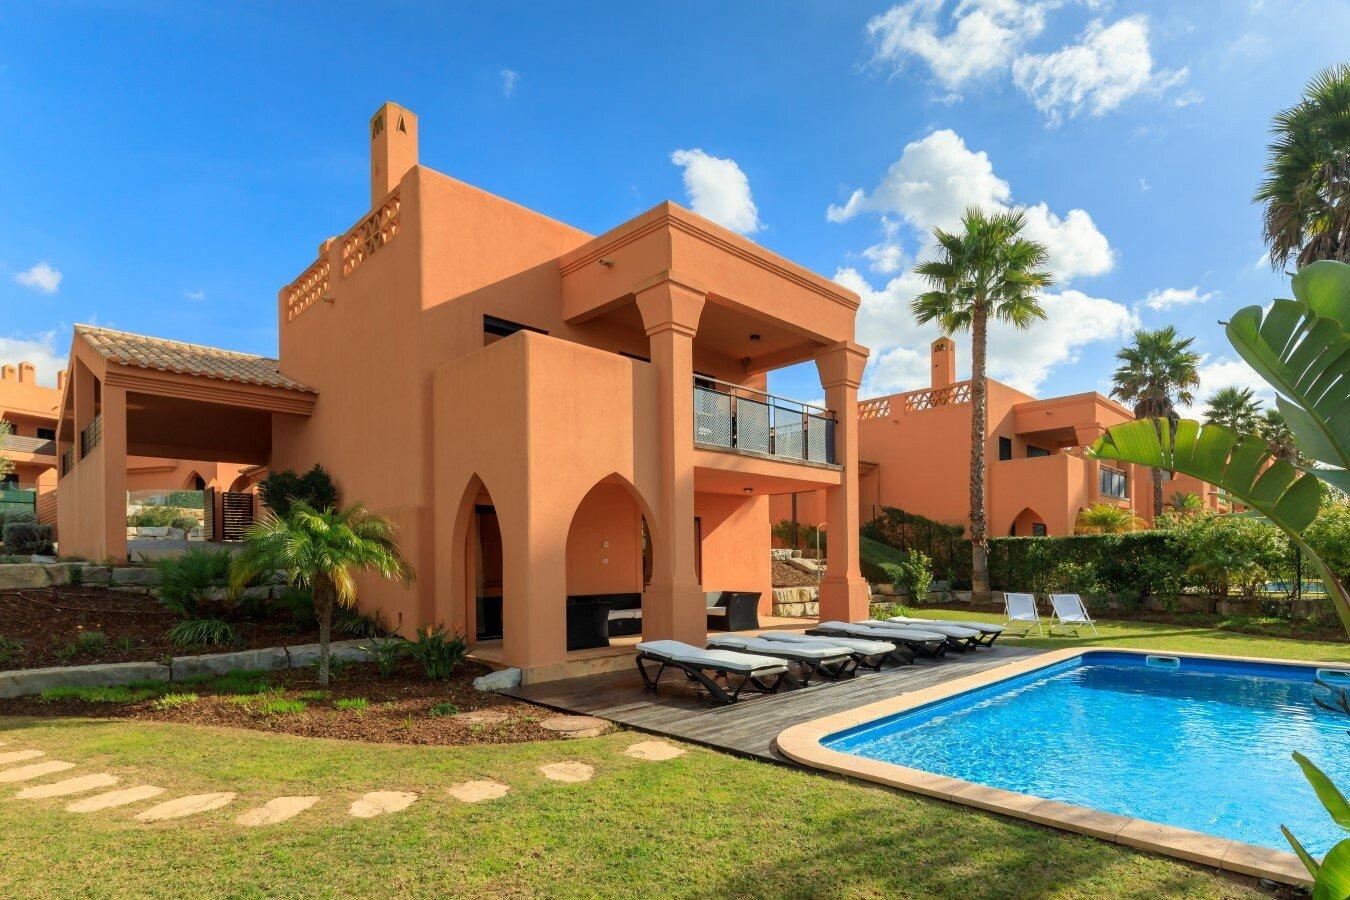 Villa in Pêra, Algarve, Portugal 1 - 11111630